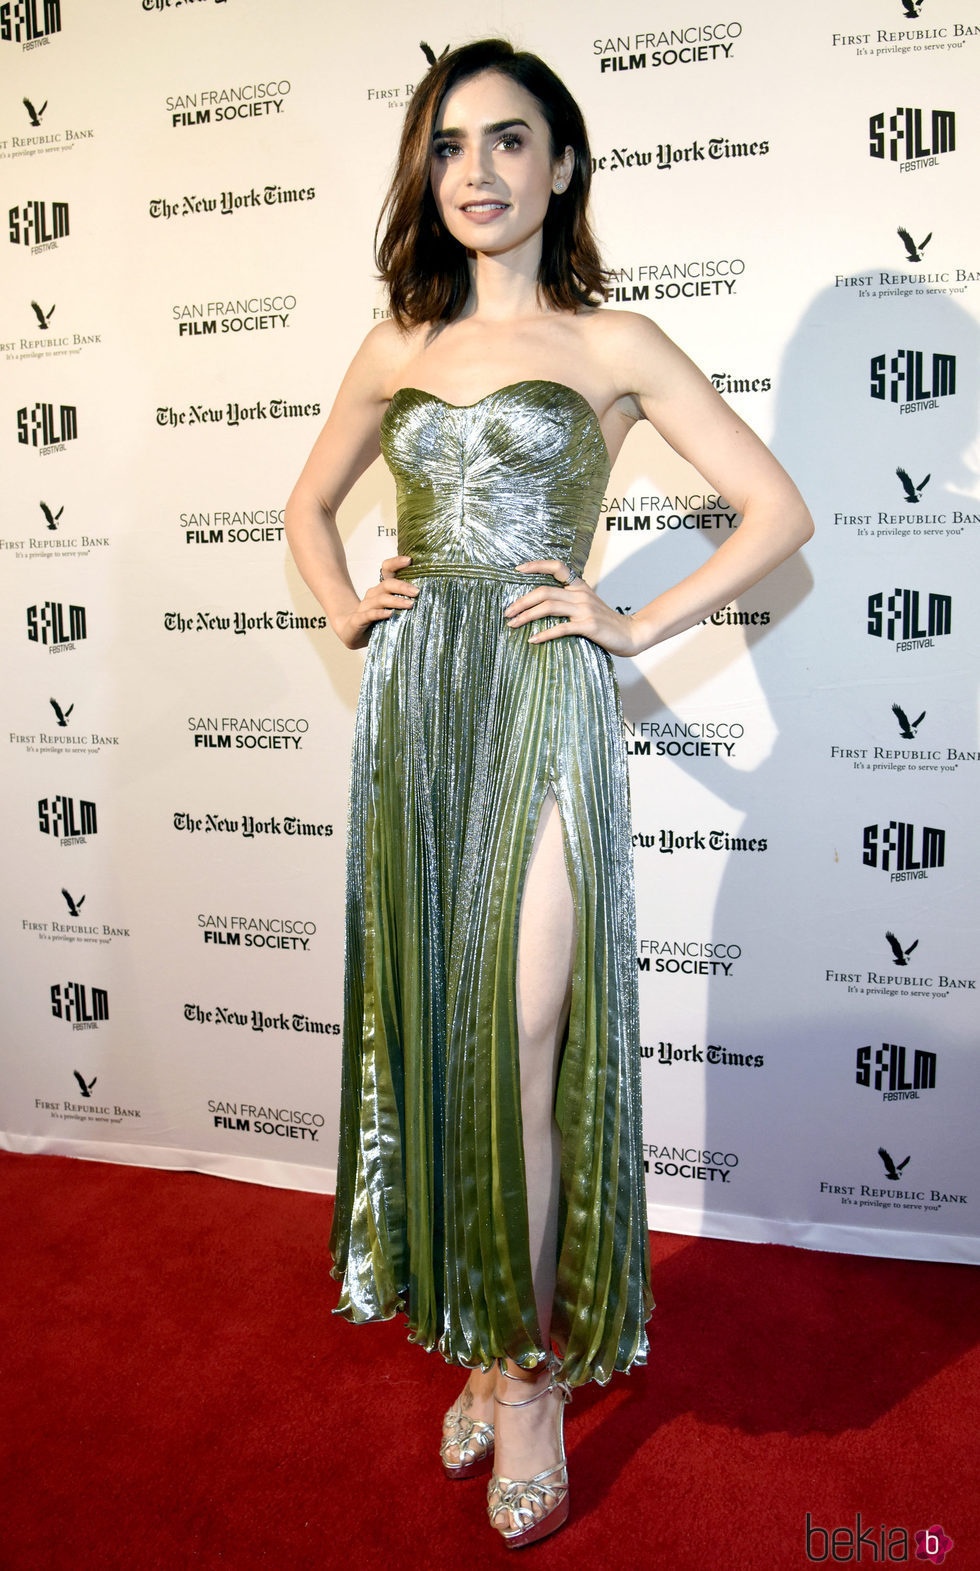 Lily Collins con un vestido brillante en la premiere de la